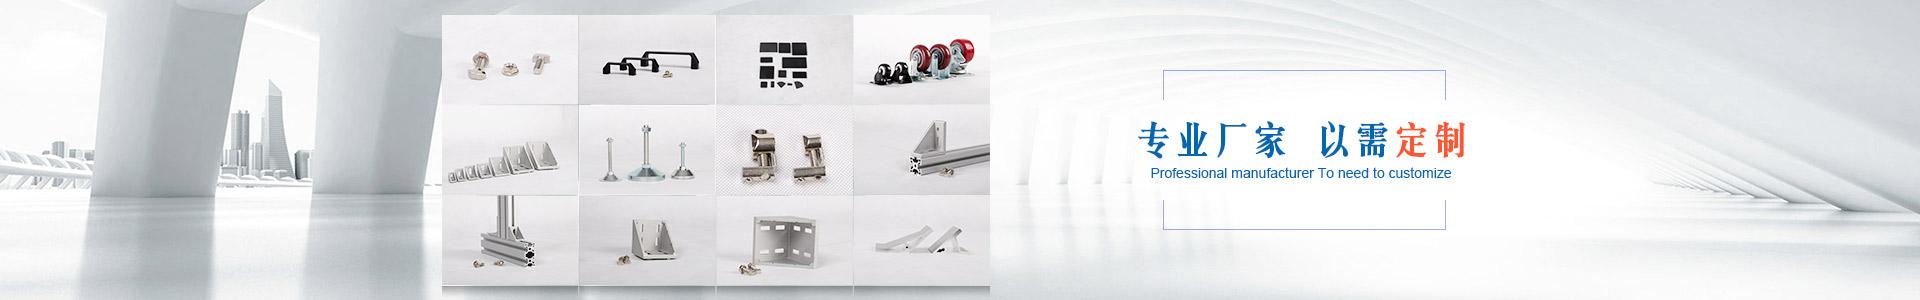 美诚铝业铝型材配件专业厂家以需定制